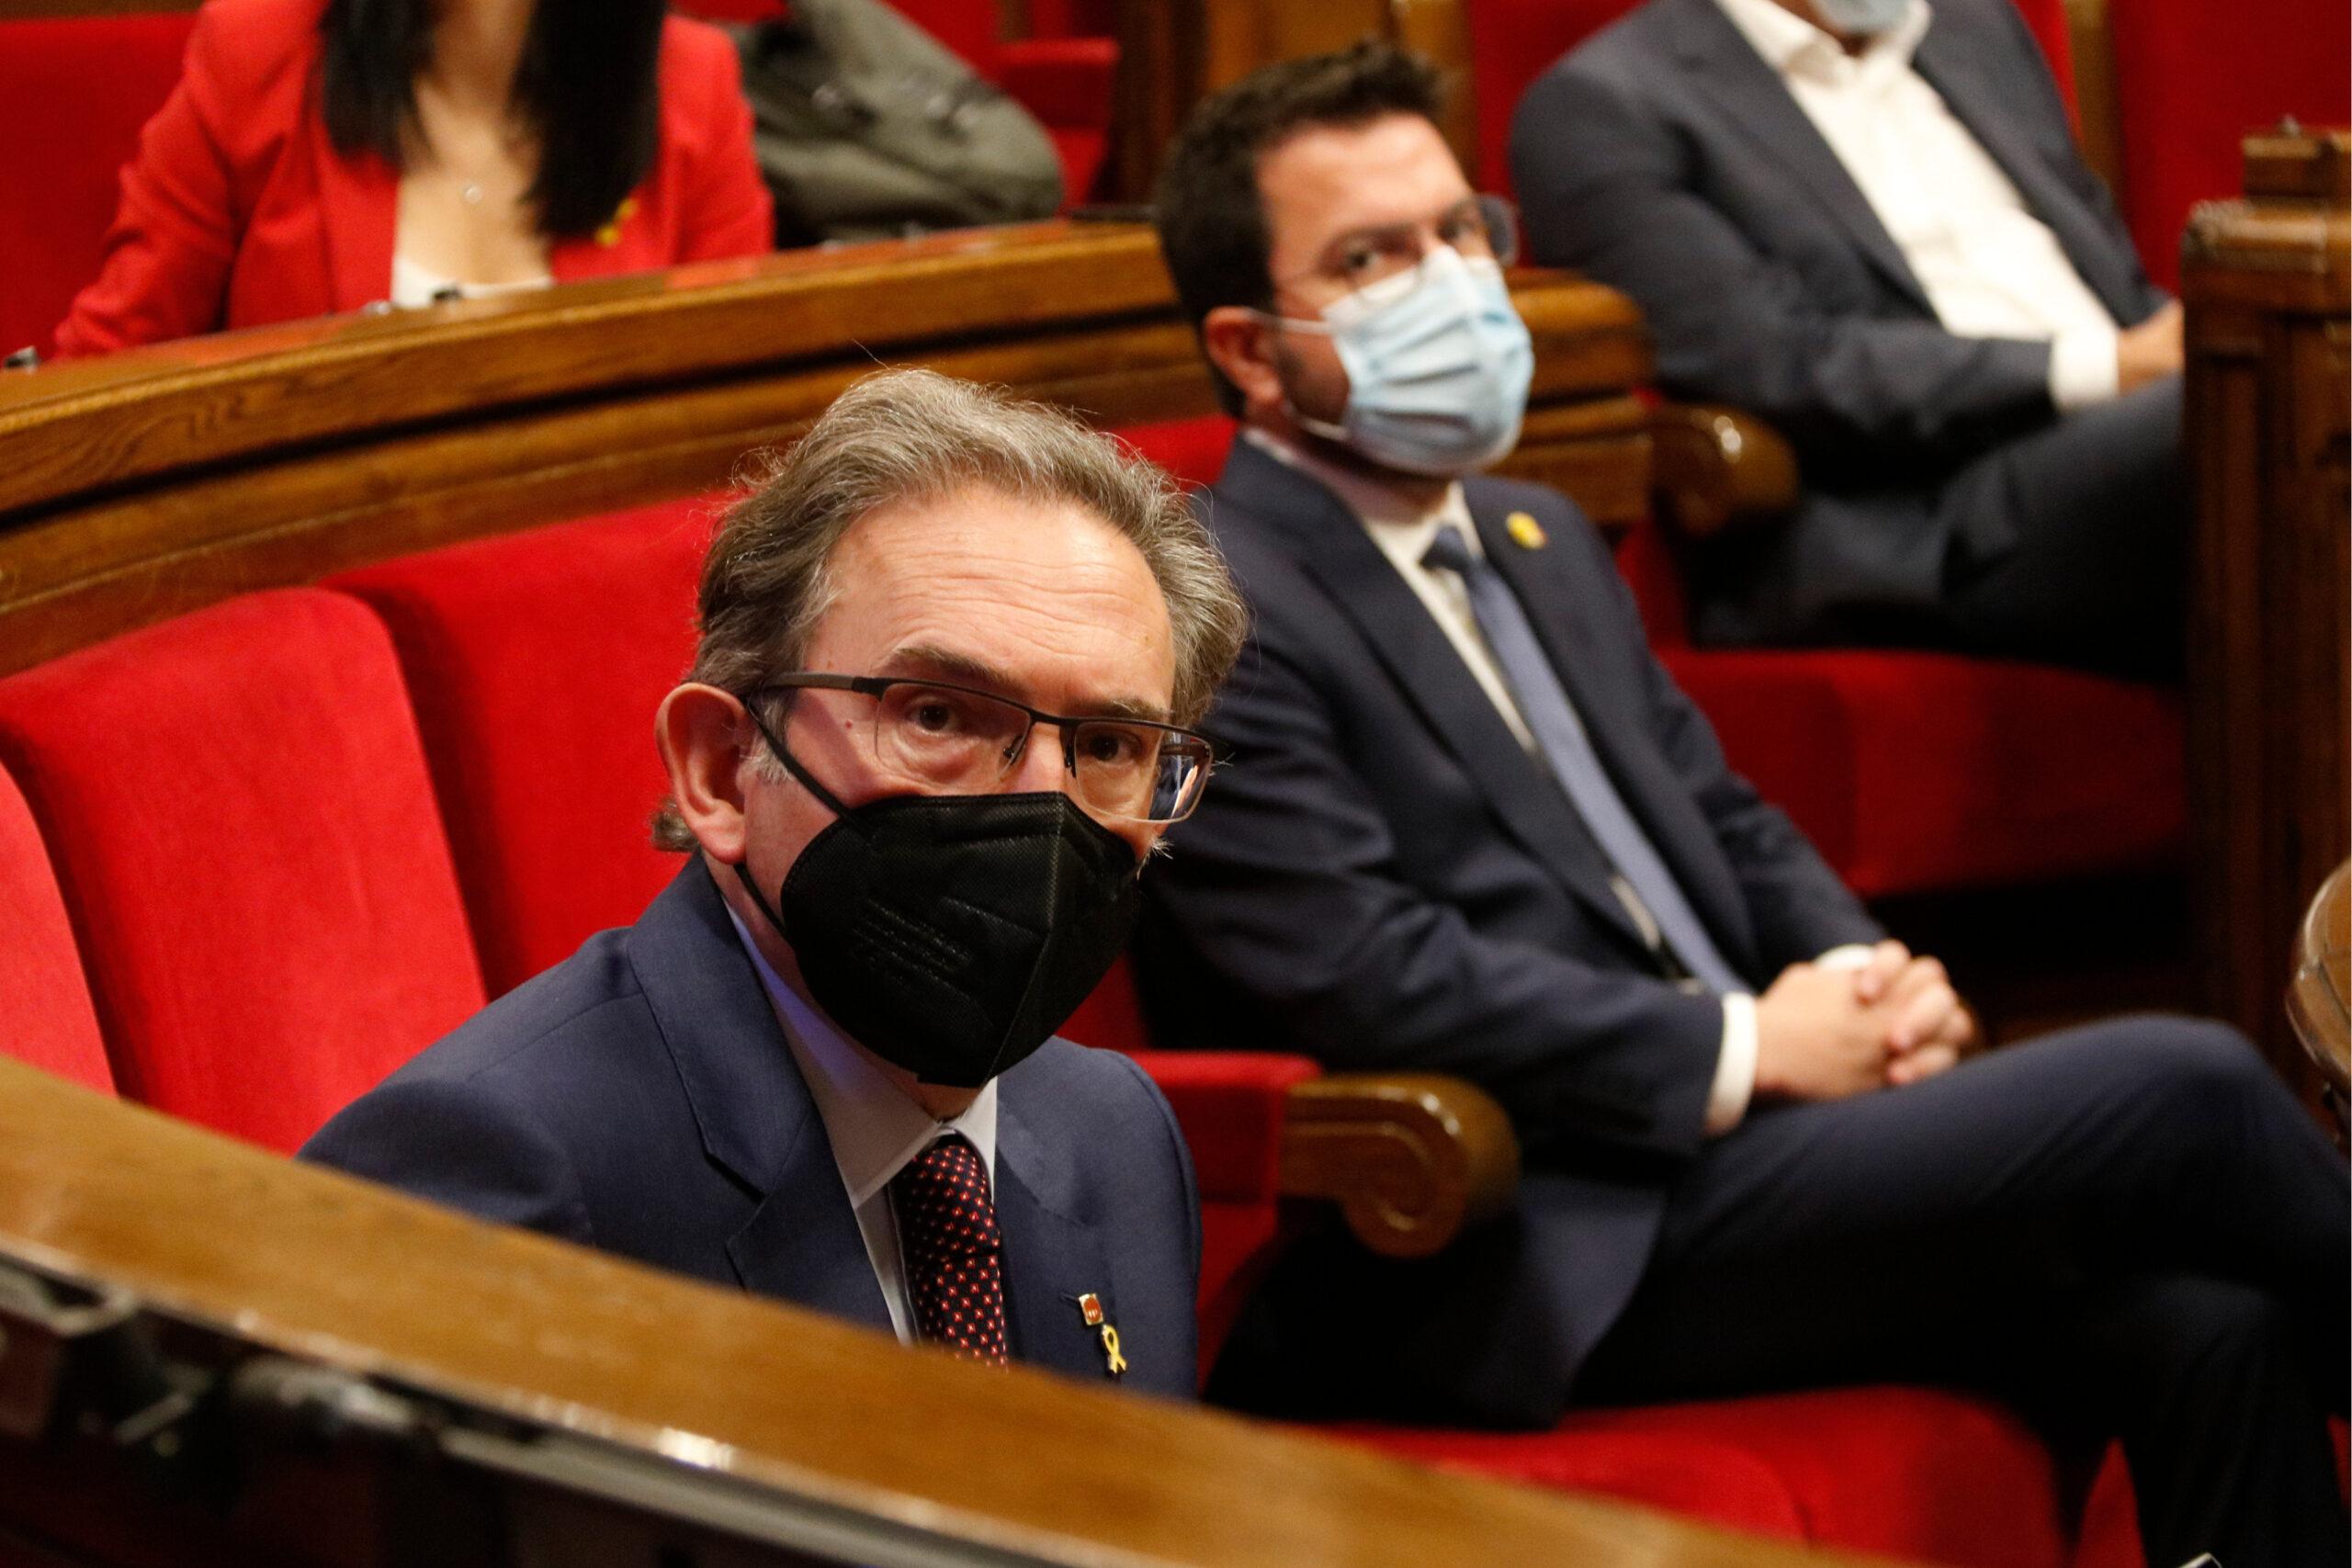 El conseller d'Economia i Hisenda, Jaume Giró, i el president Aragonès durant el ple del Parlament / ACN